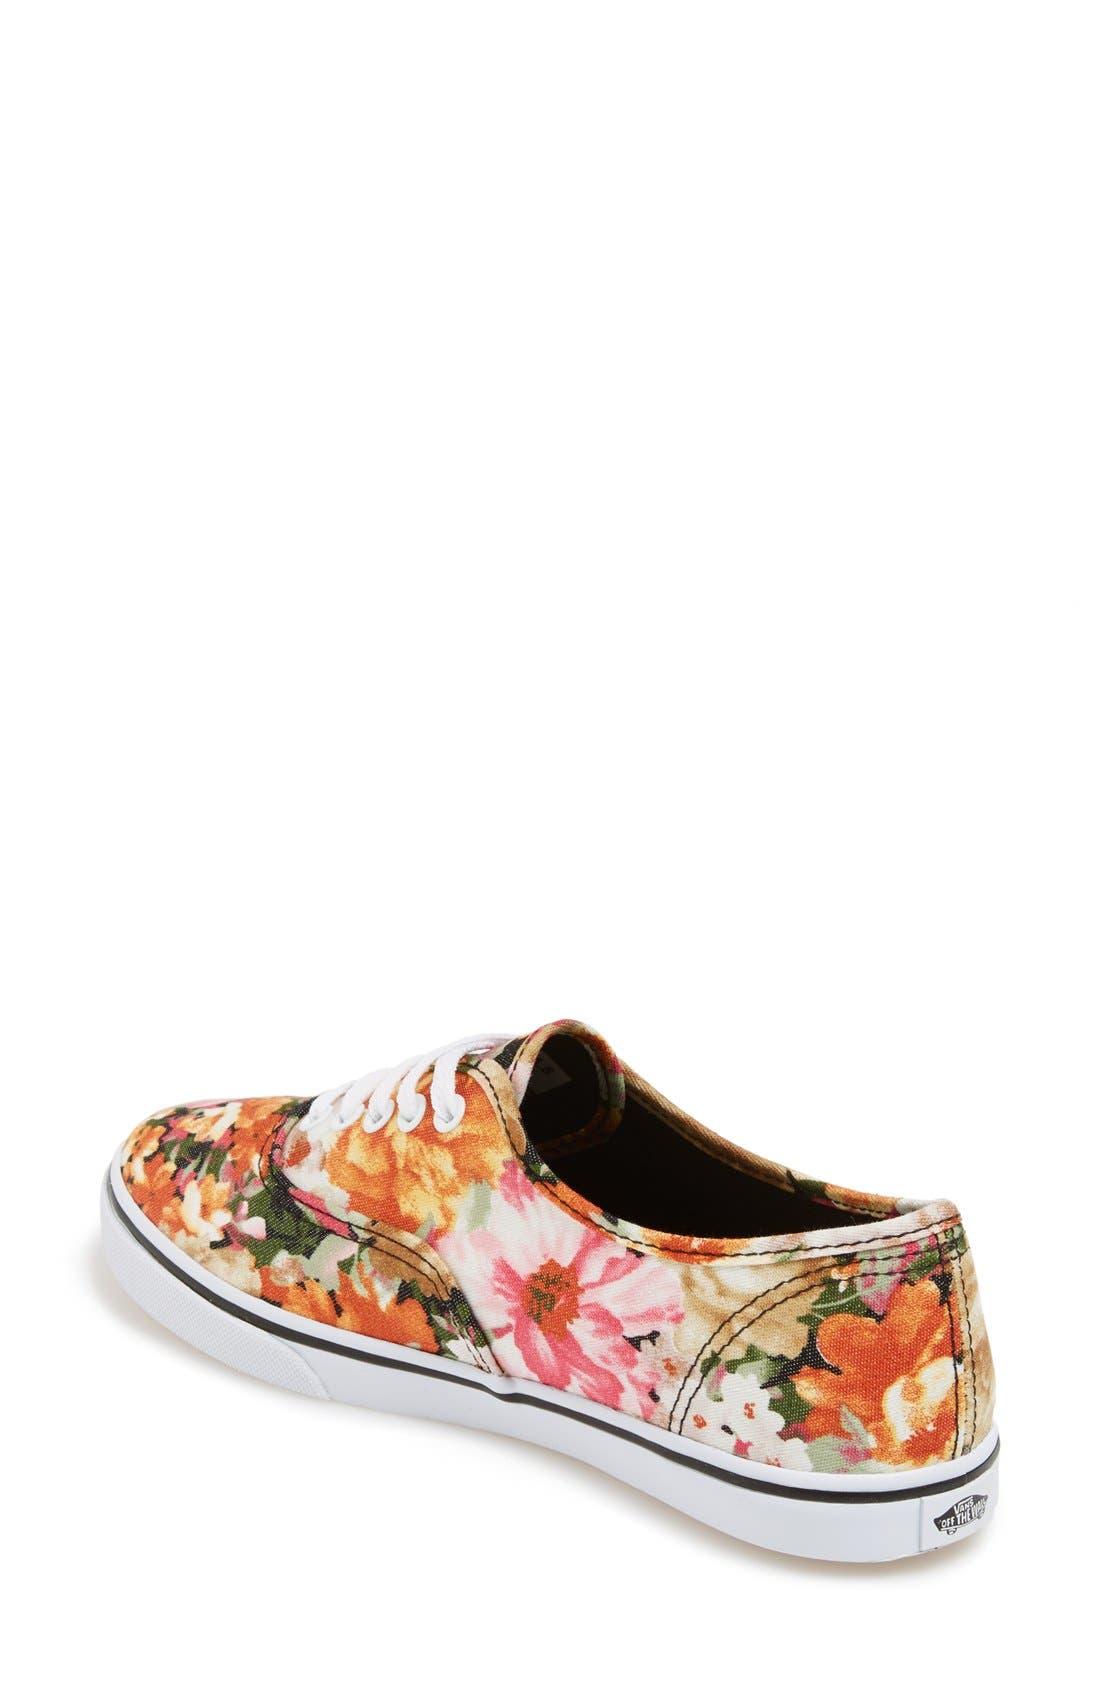 Alternate Image 2  - Vans 'Authentic Lo Pro - Floral' Sneaker (Women)